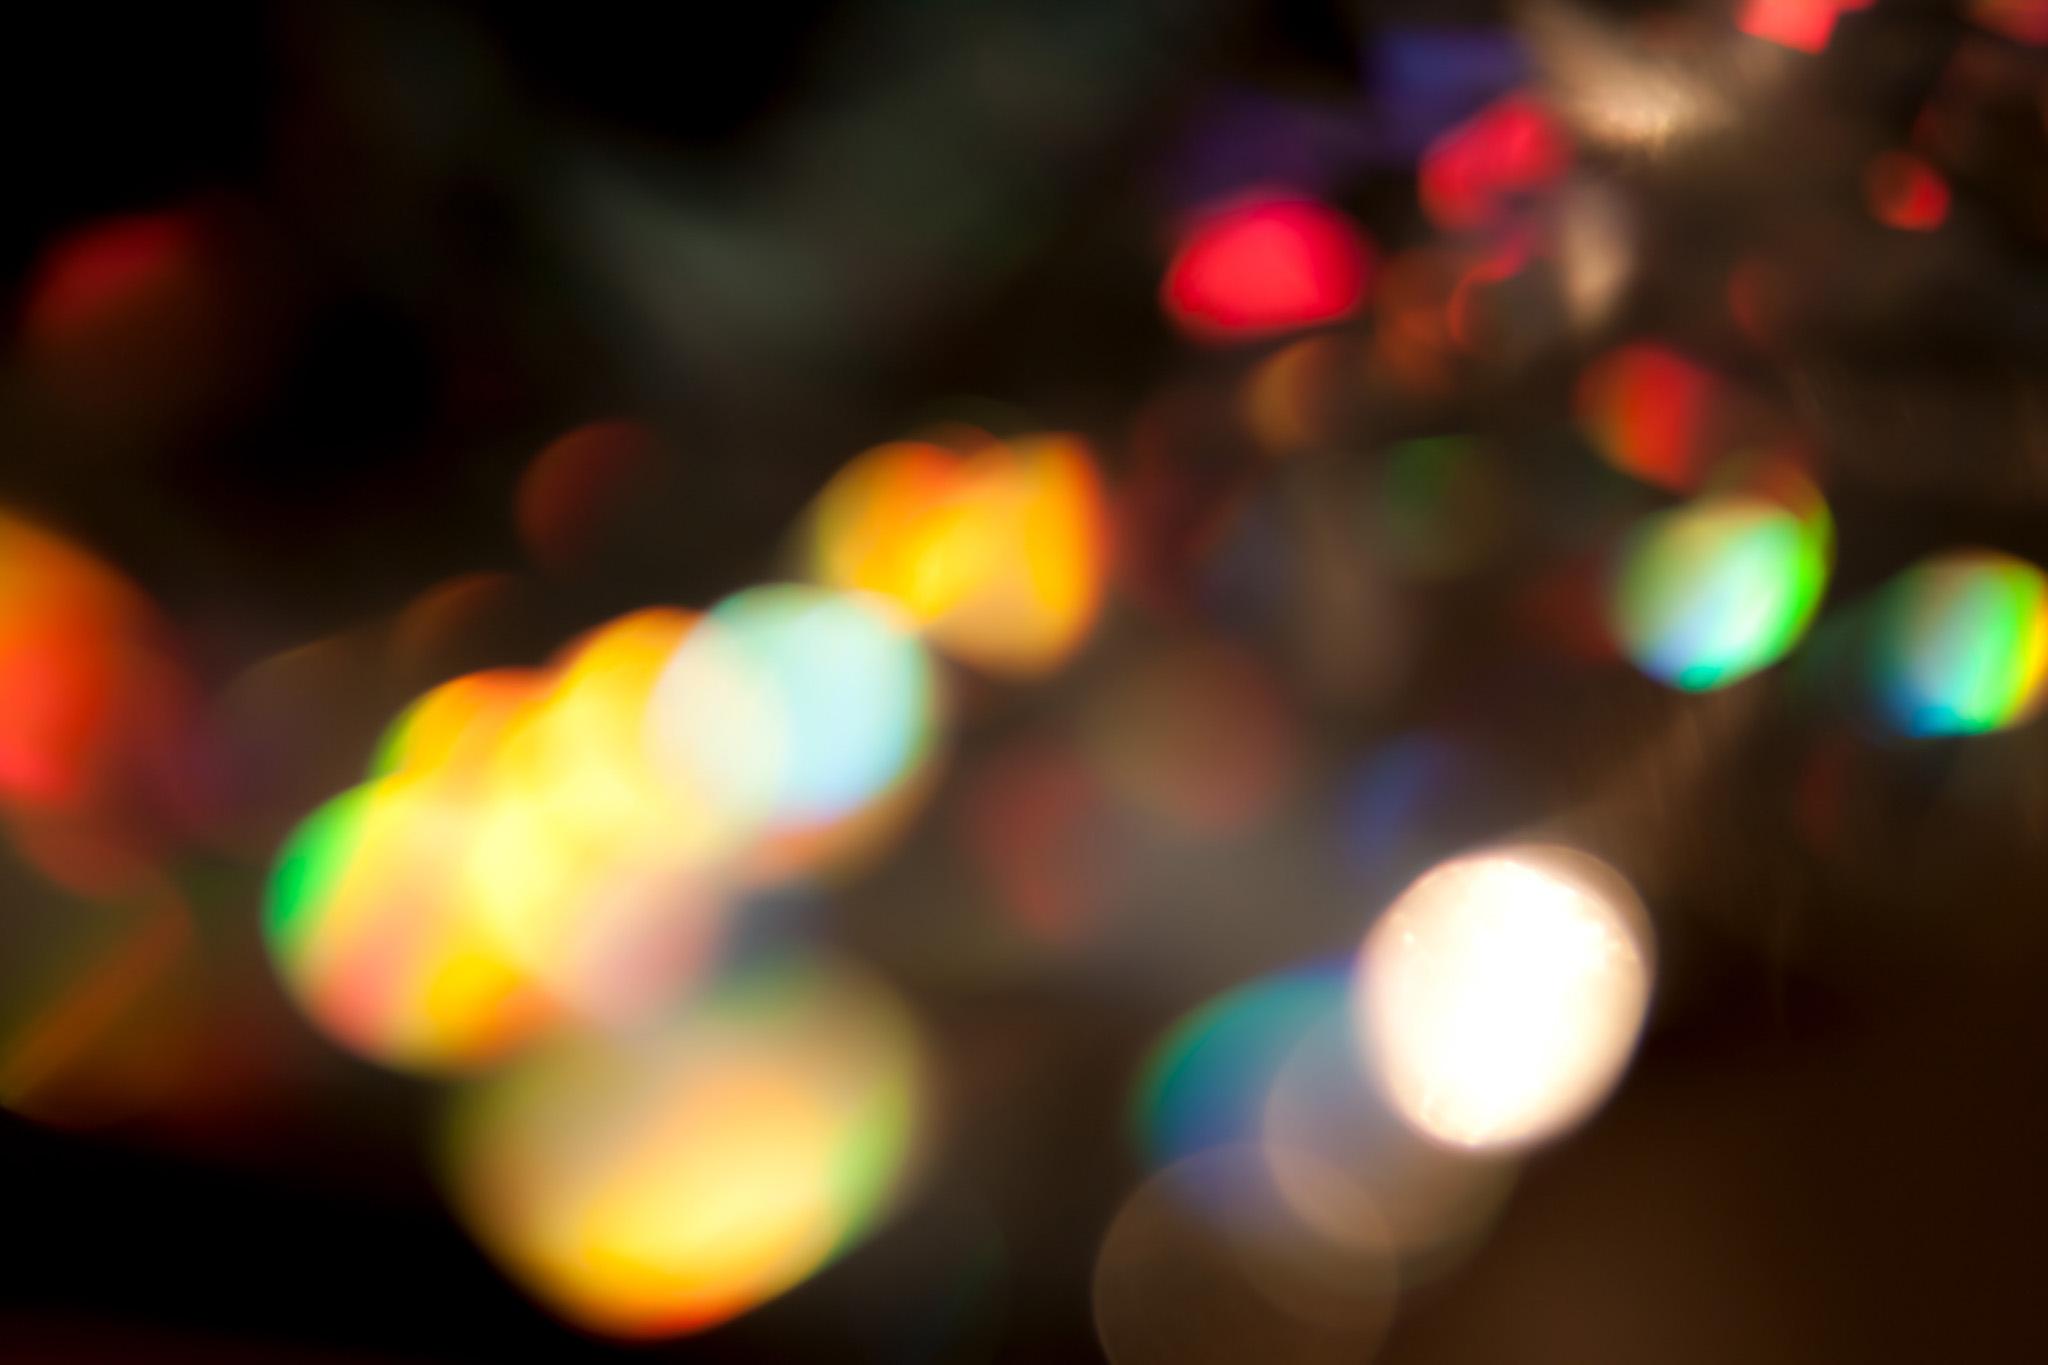 黒の背景とカラフルな光彩